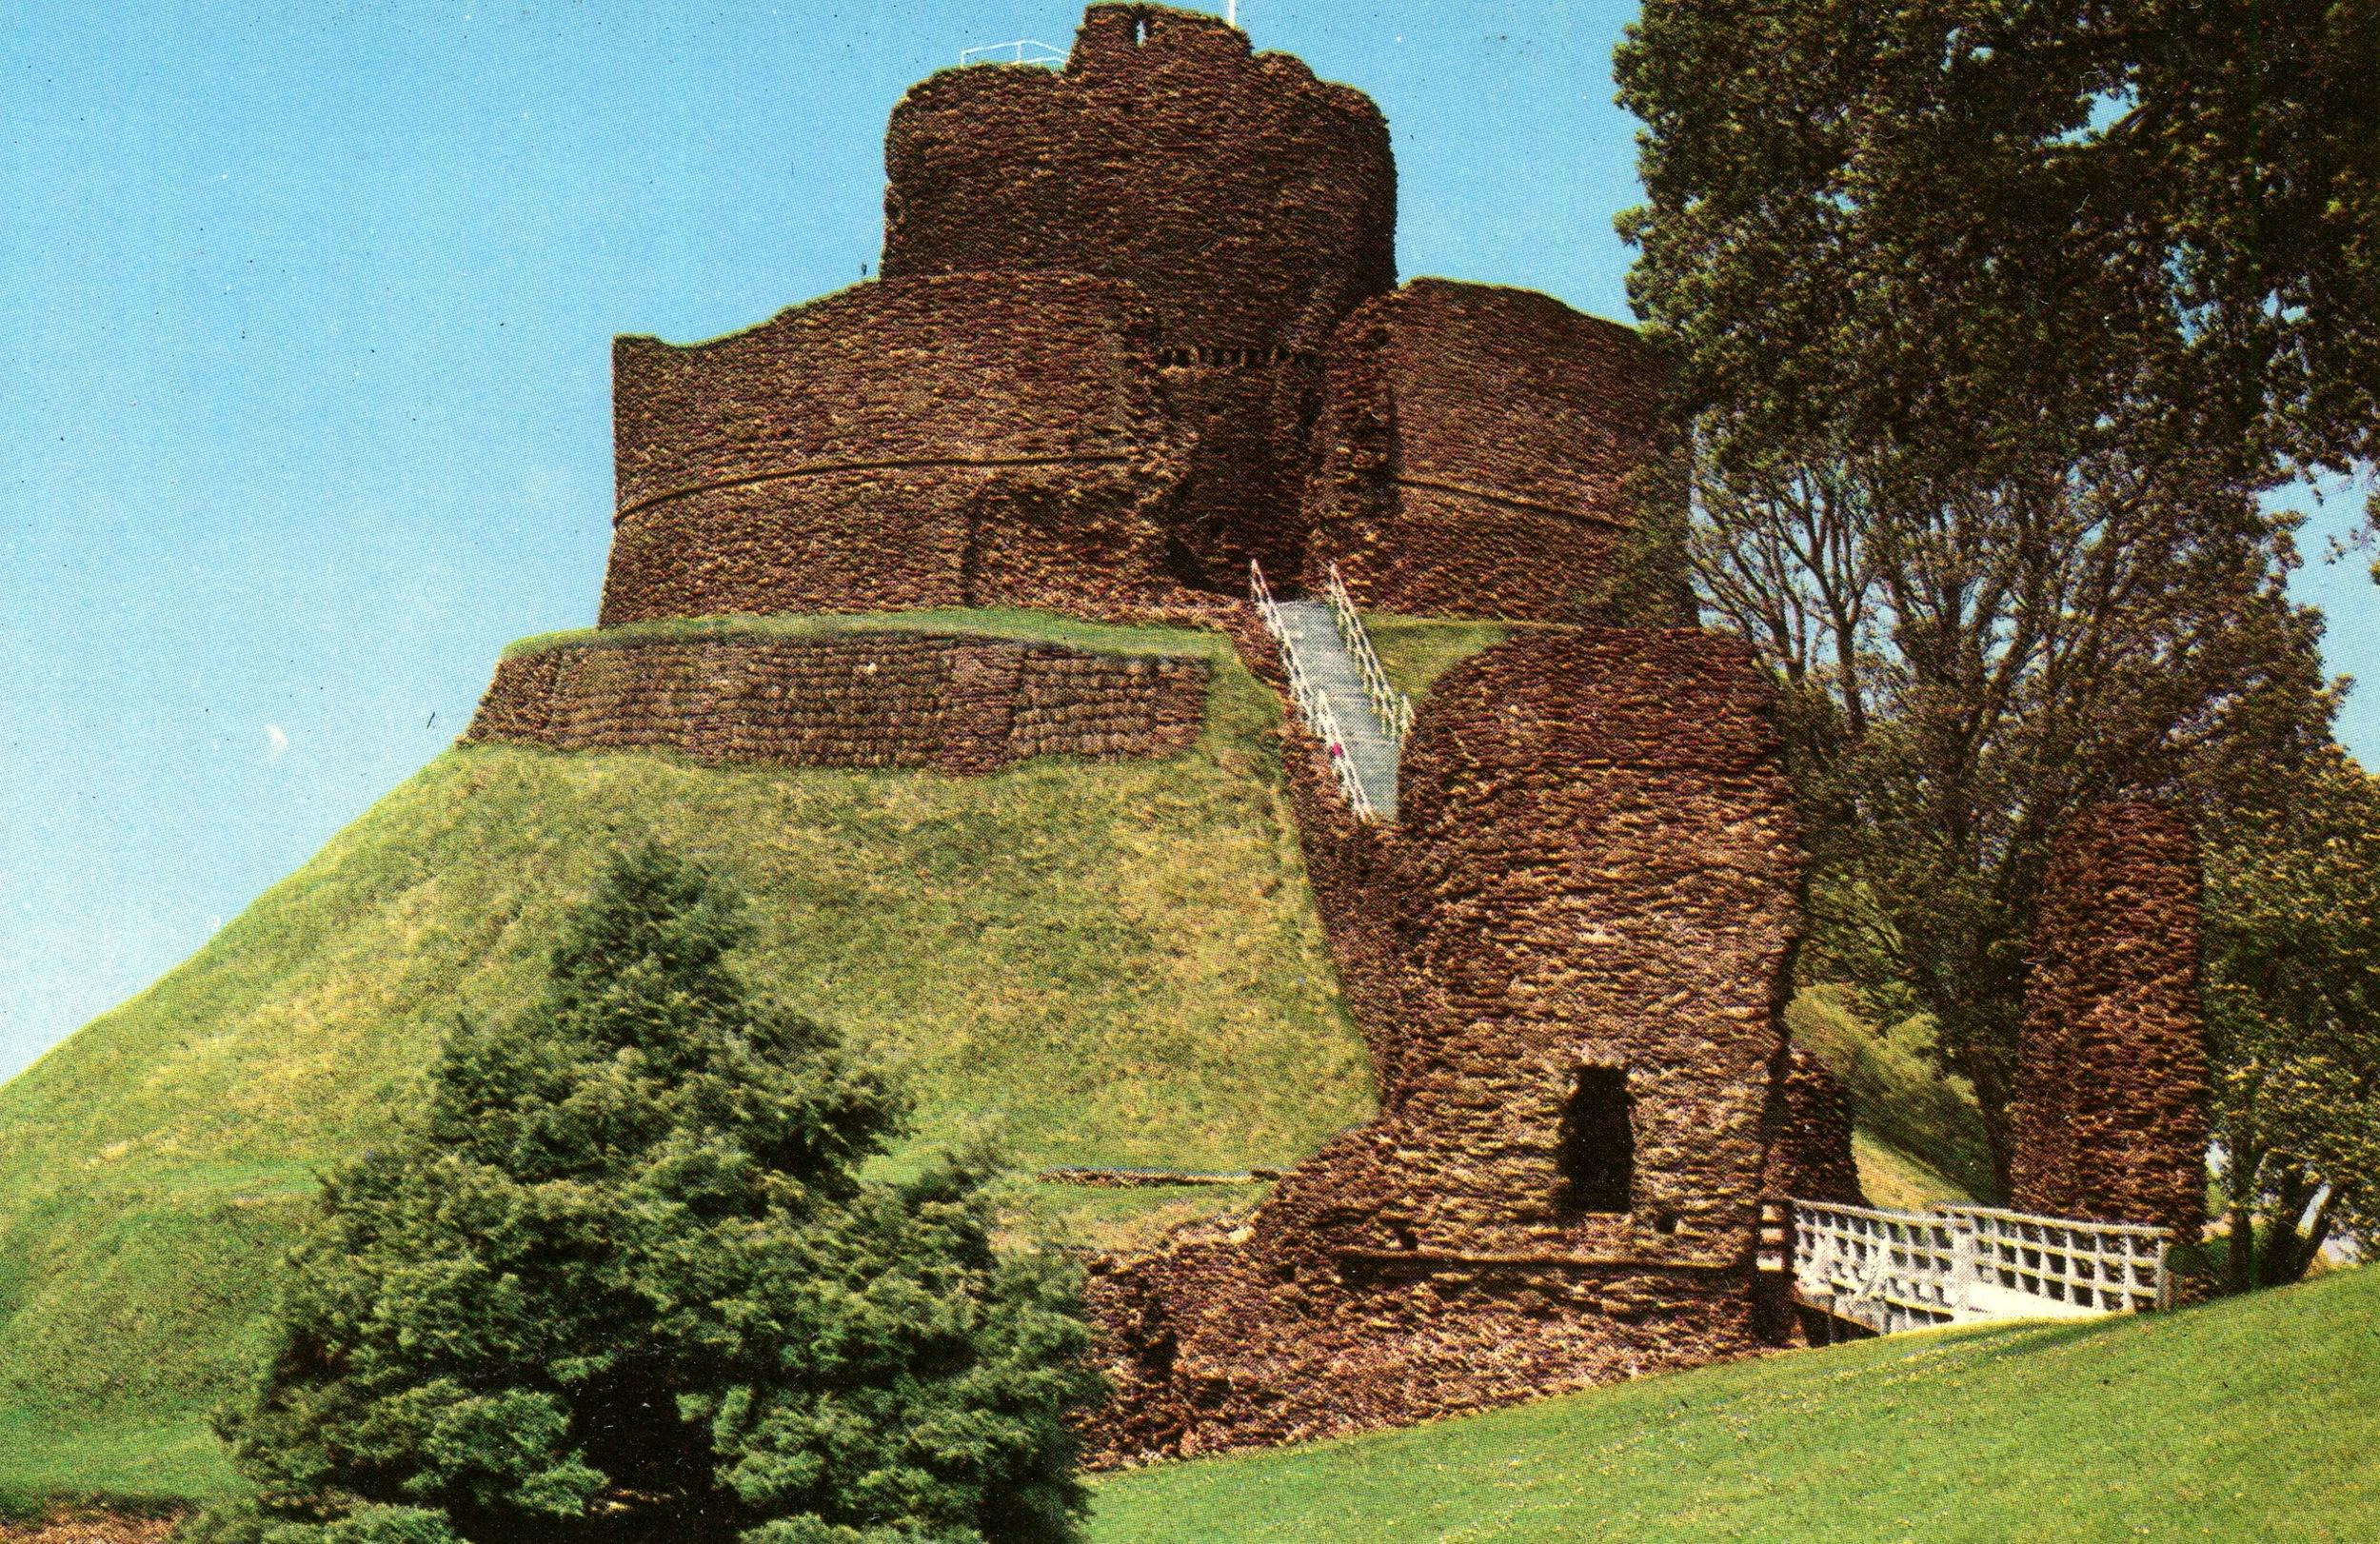 Launceston Castle, England